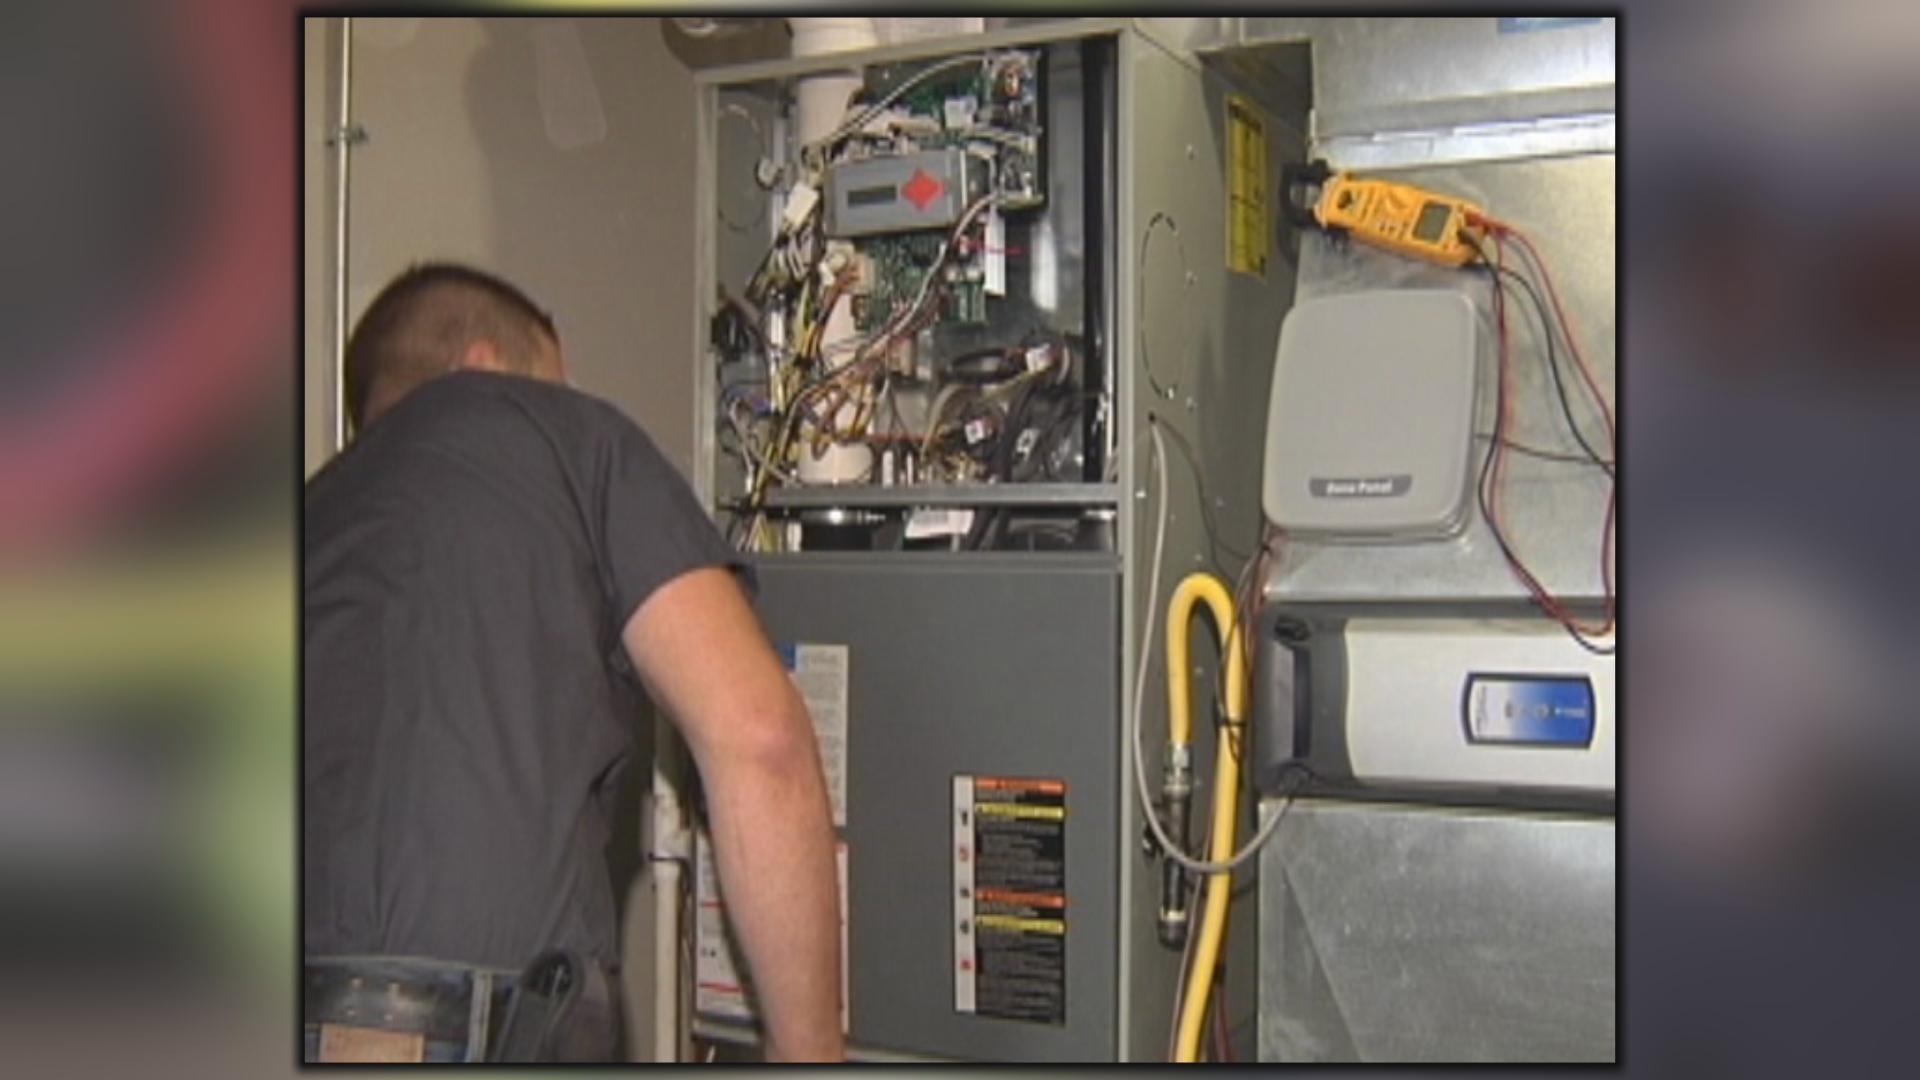 furnace check _1539631313504.jpg.jpg